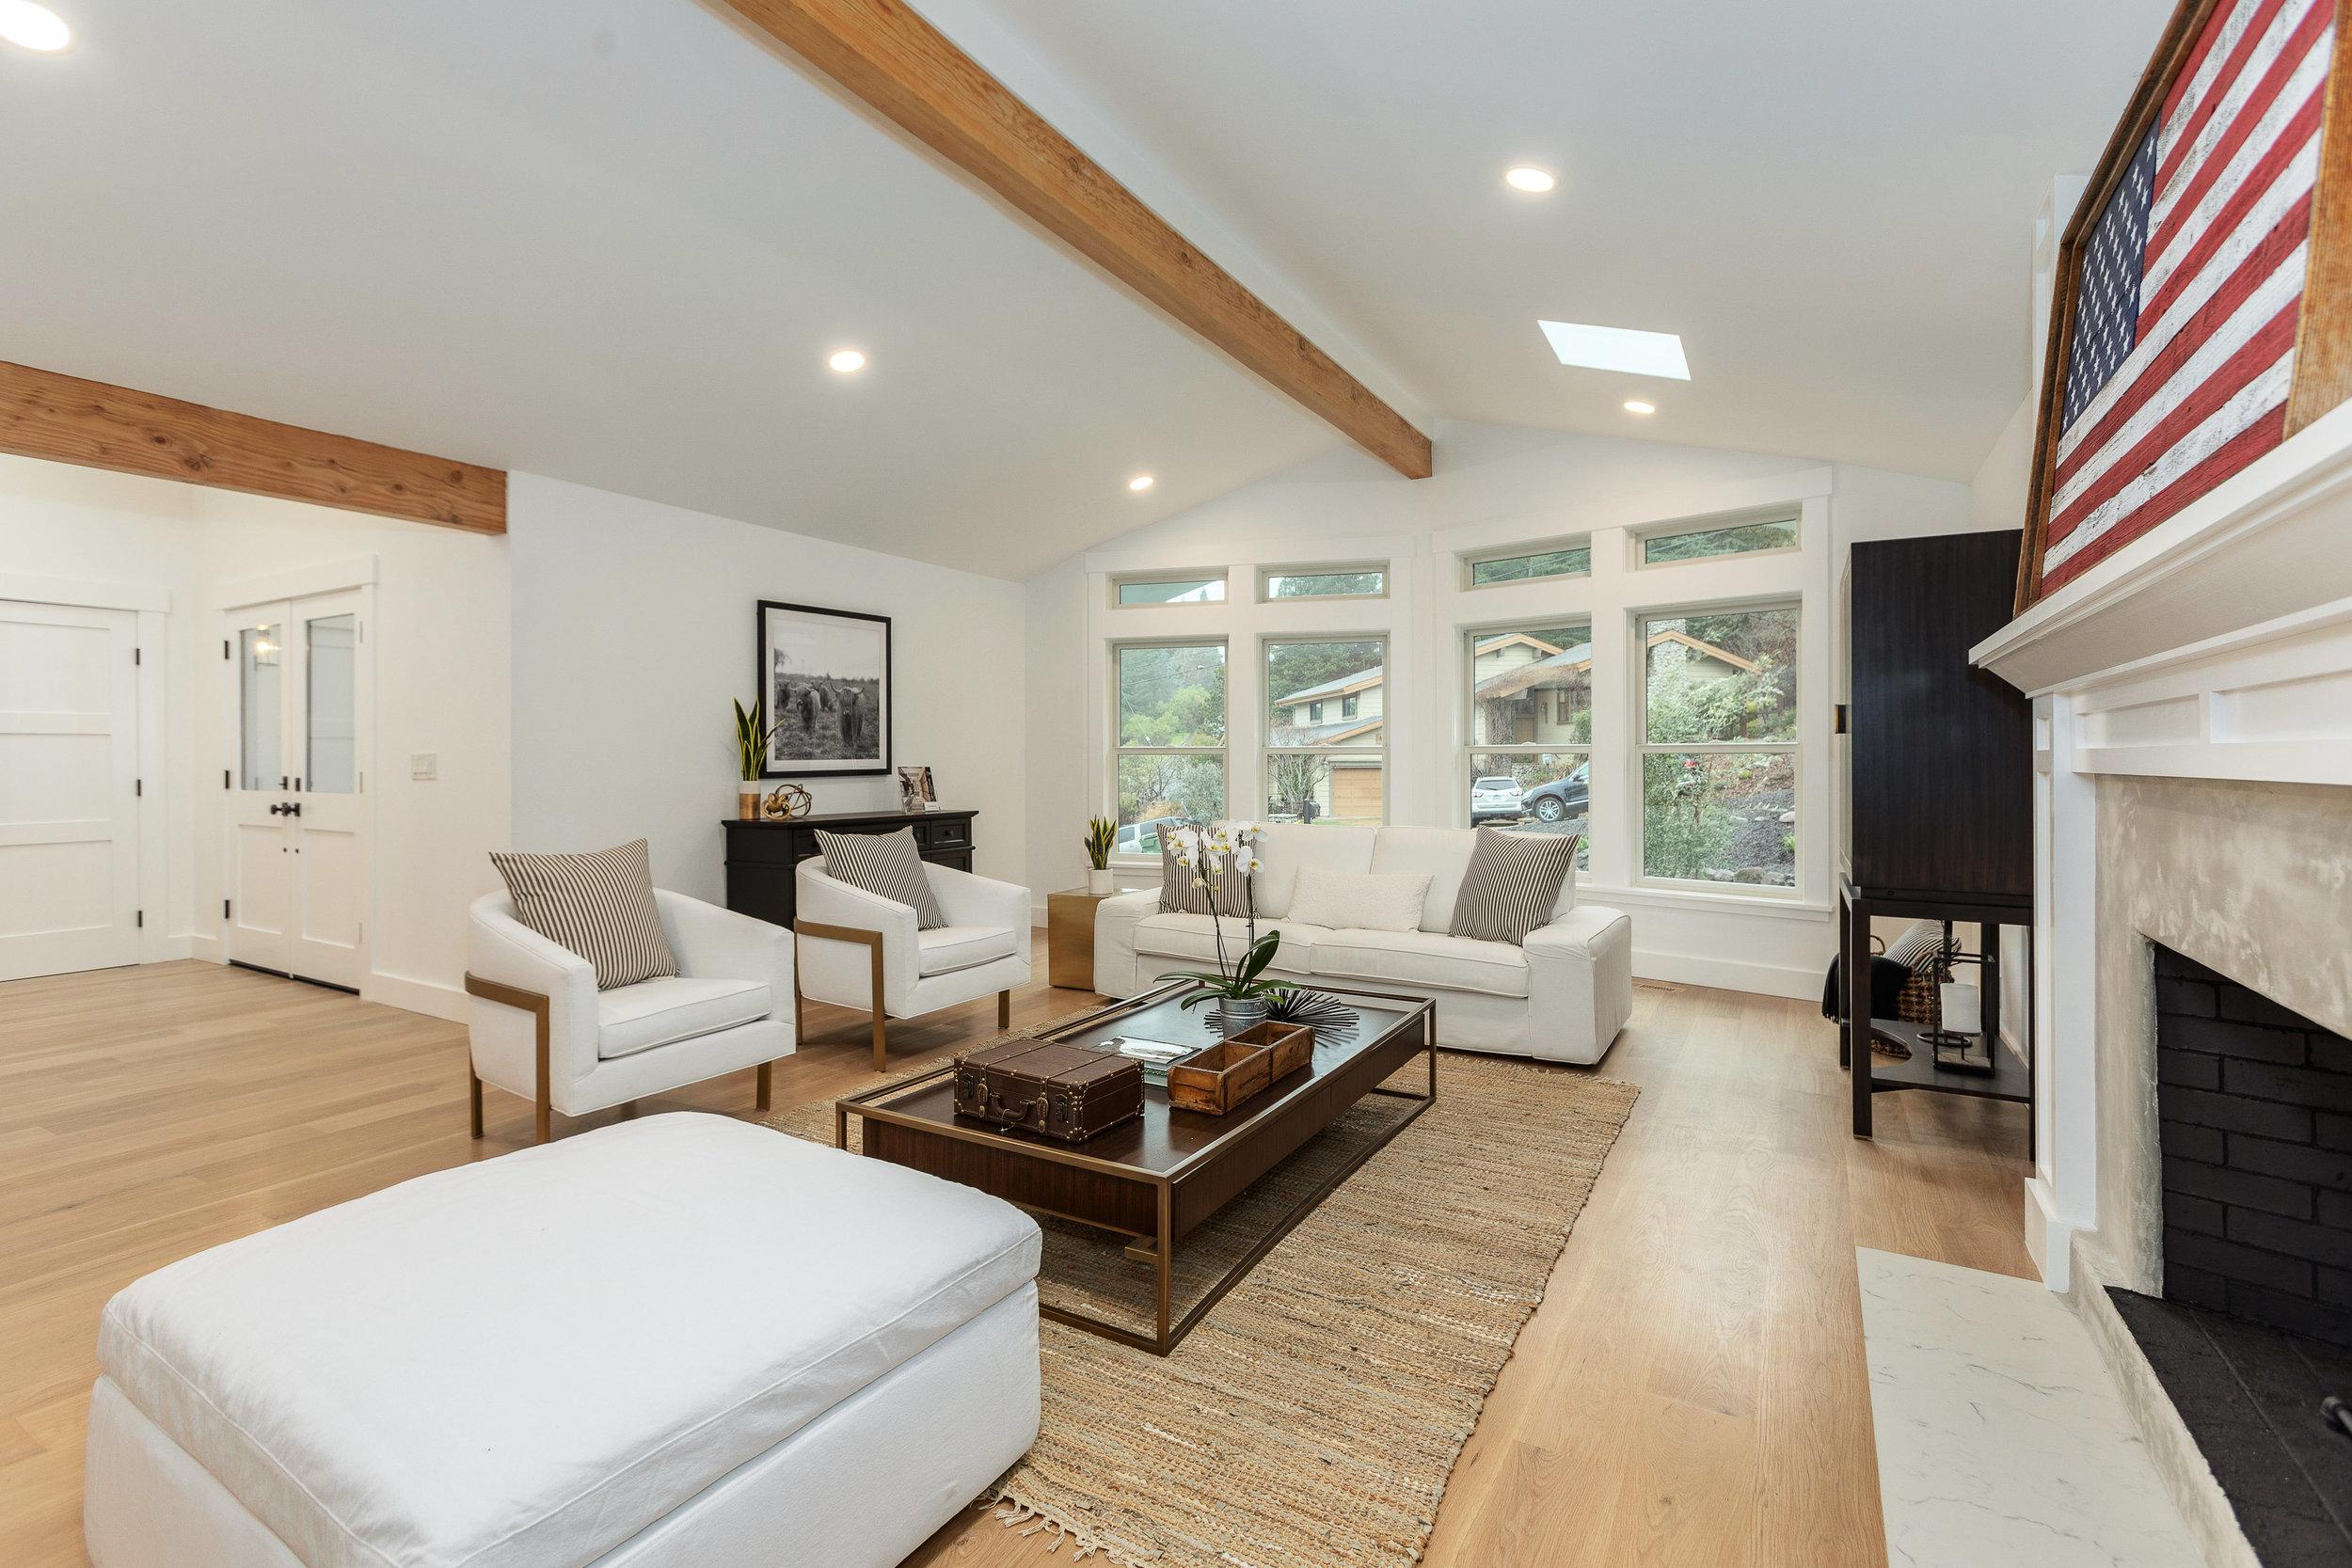 004_105-Living Room.jpg